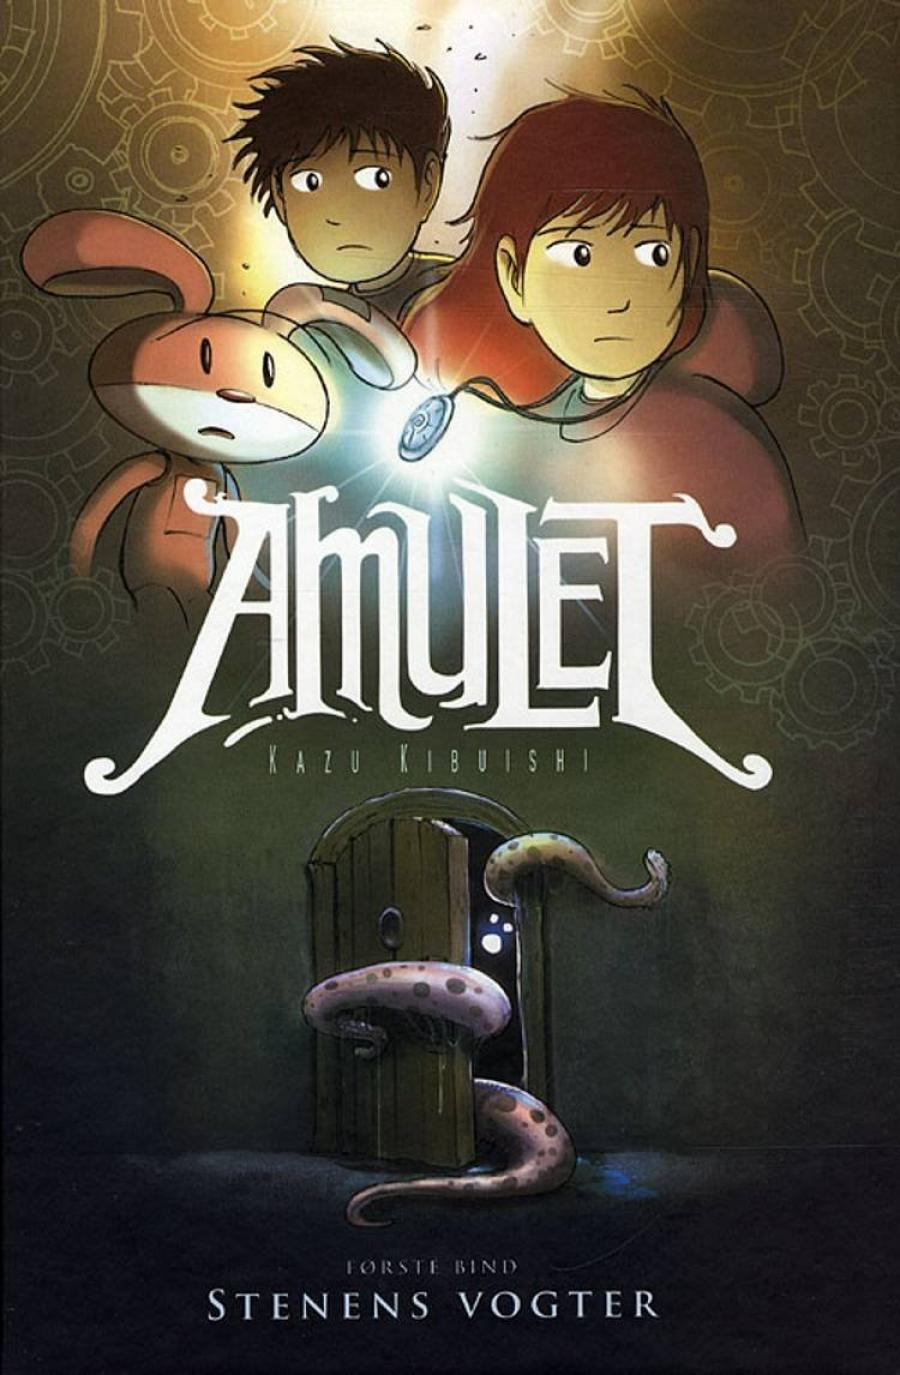 Forsidebillede af tegneserien Amulet 1 Stenens vogter af Kazu Kibuishi